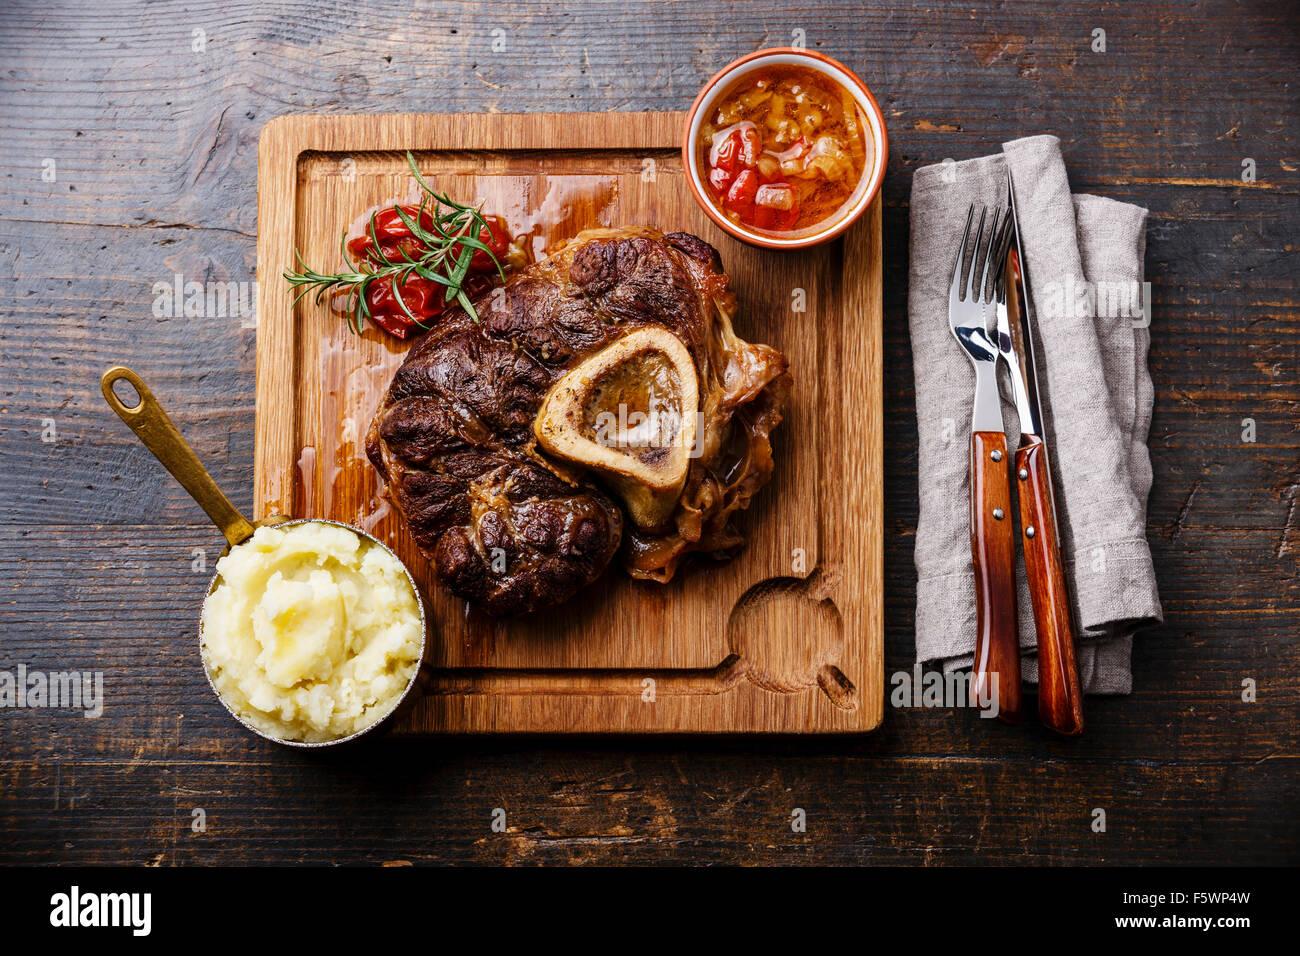 Ossobuco Kalbshaxe mit Tomaten und Kartoffelpüree auf dem Board auf hölzernen Hintergrund vorbereitet Stockbild